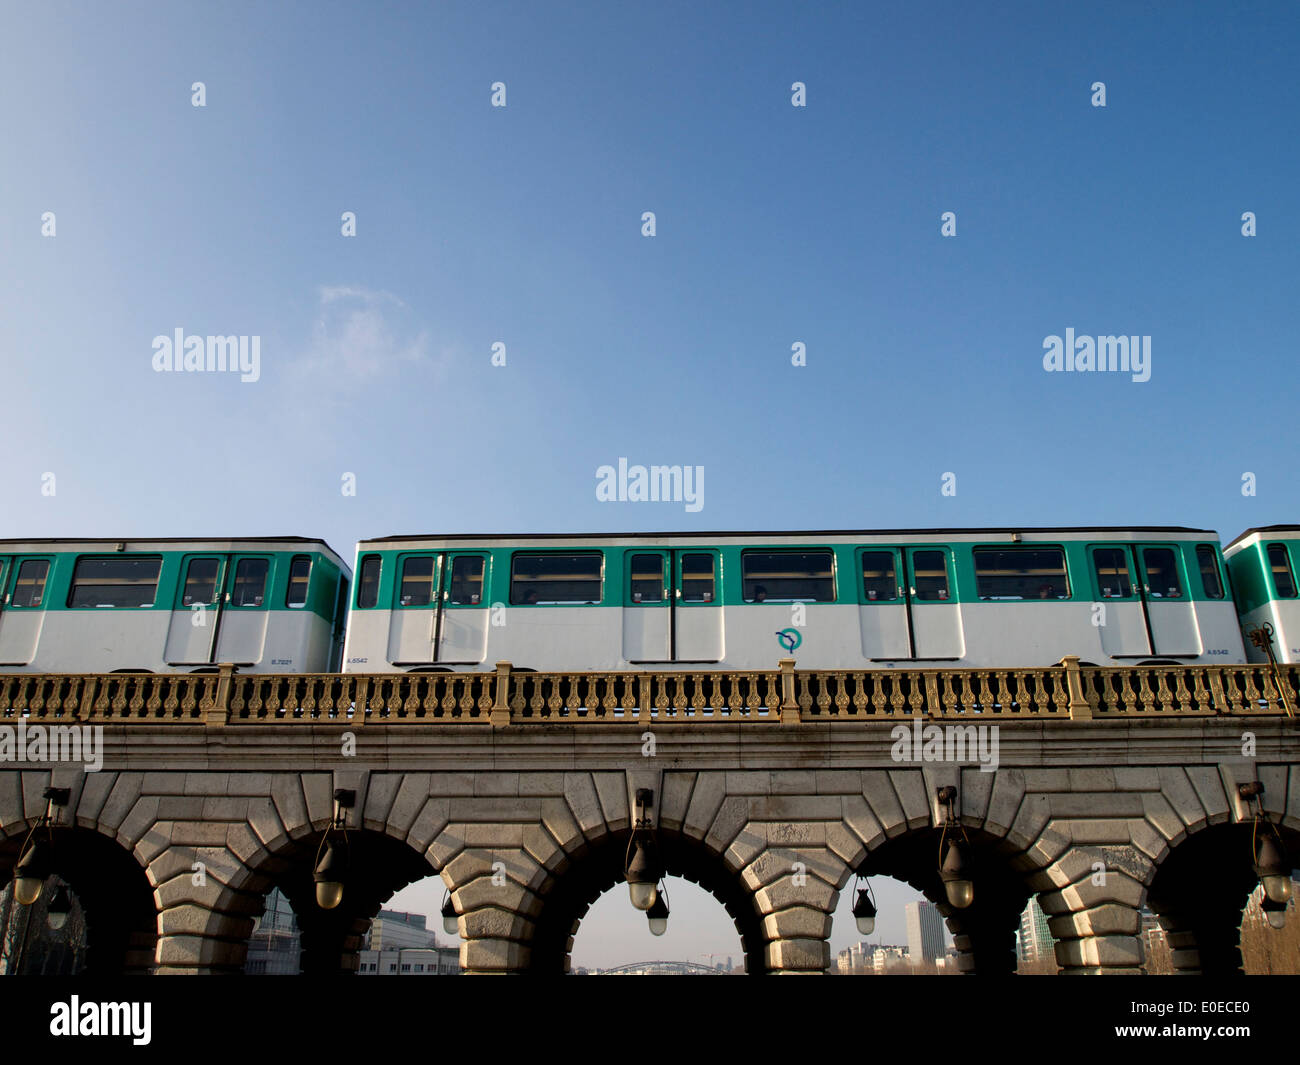 Paris subway train overground crossing a bridge - Stock Image